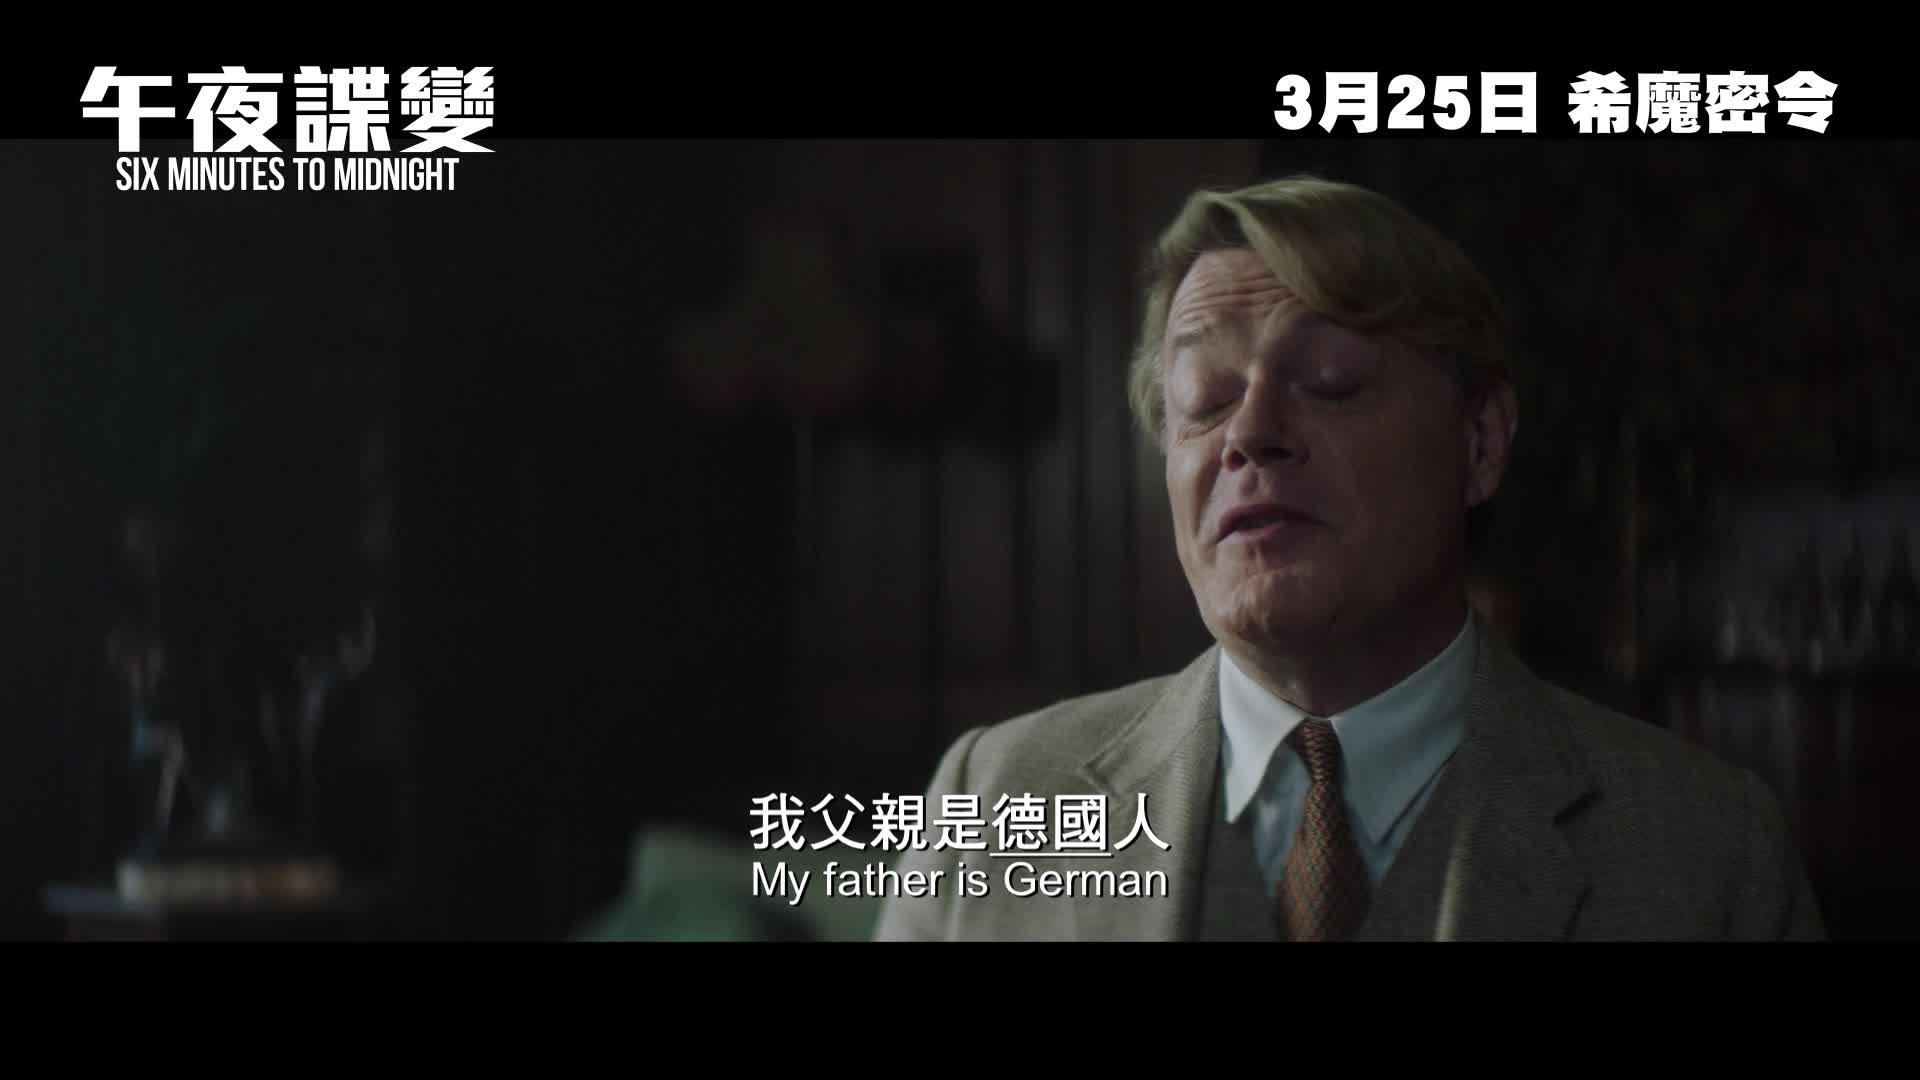 《午夜諜變》電影預告